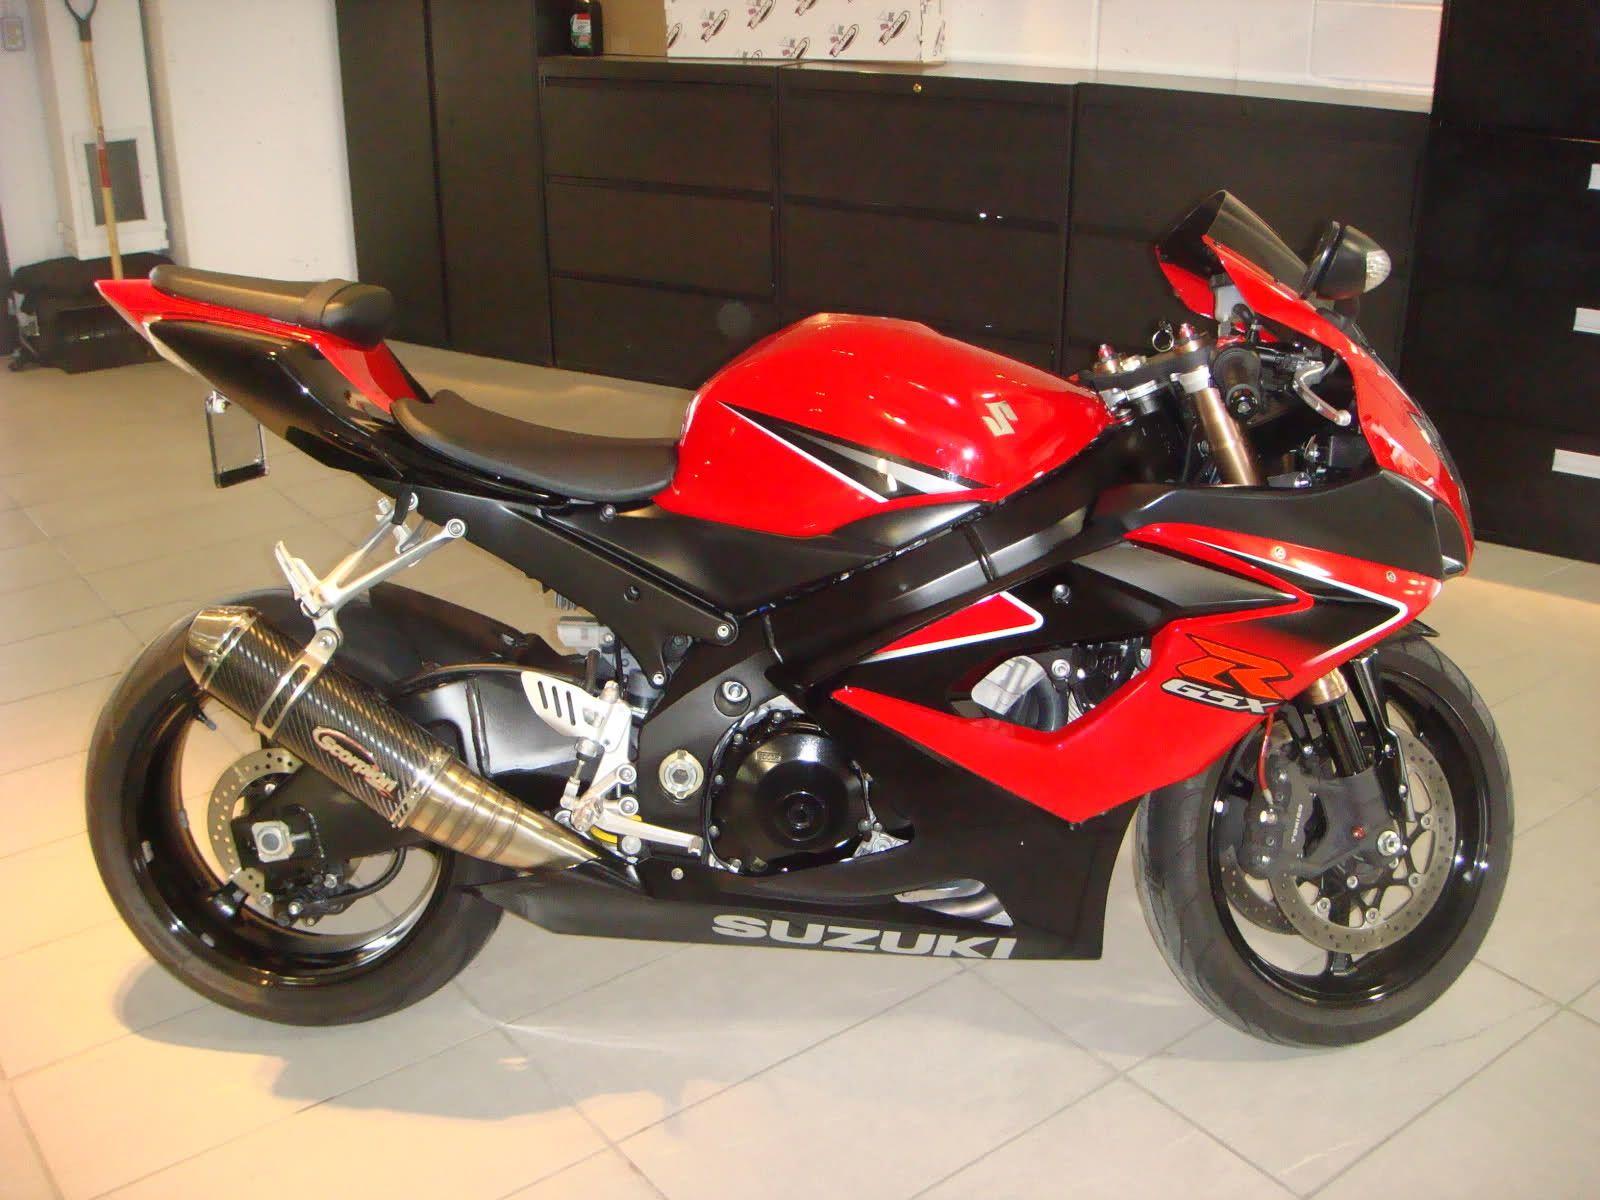 Motorcycle gloves gsxr - 2006 Suzuki Gsxr 1000 Thread Fs 2006 Suzuki Gsxr 1000 Red